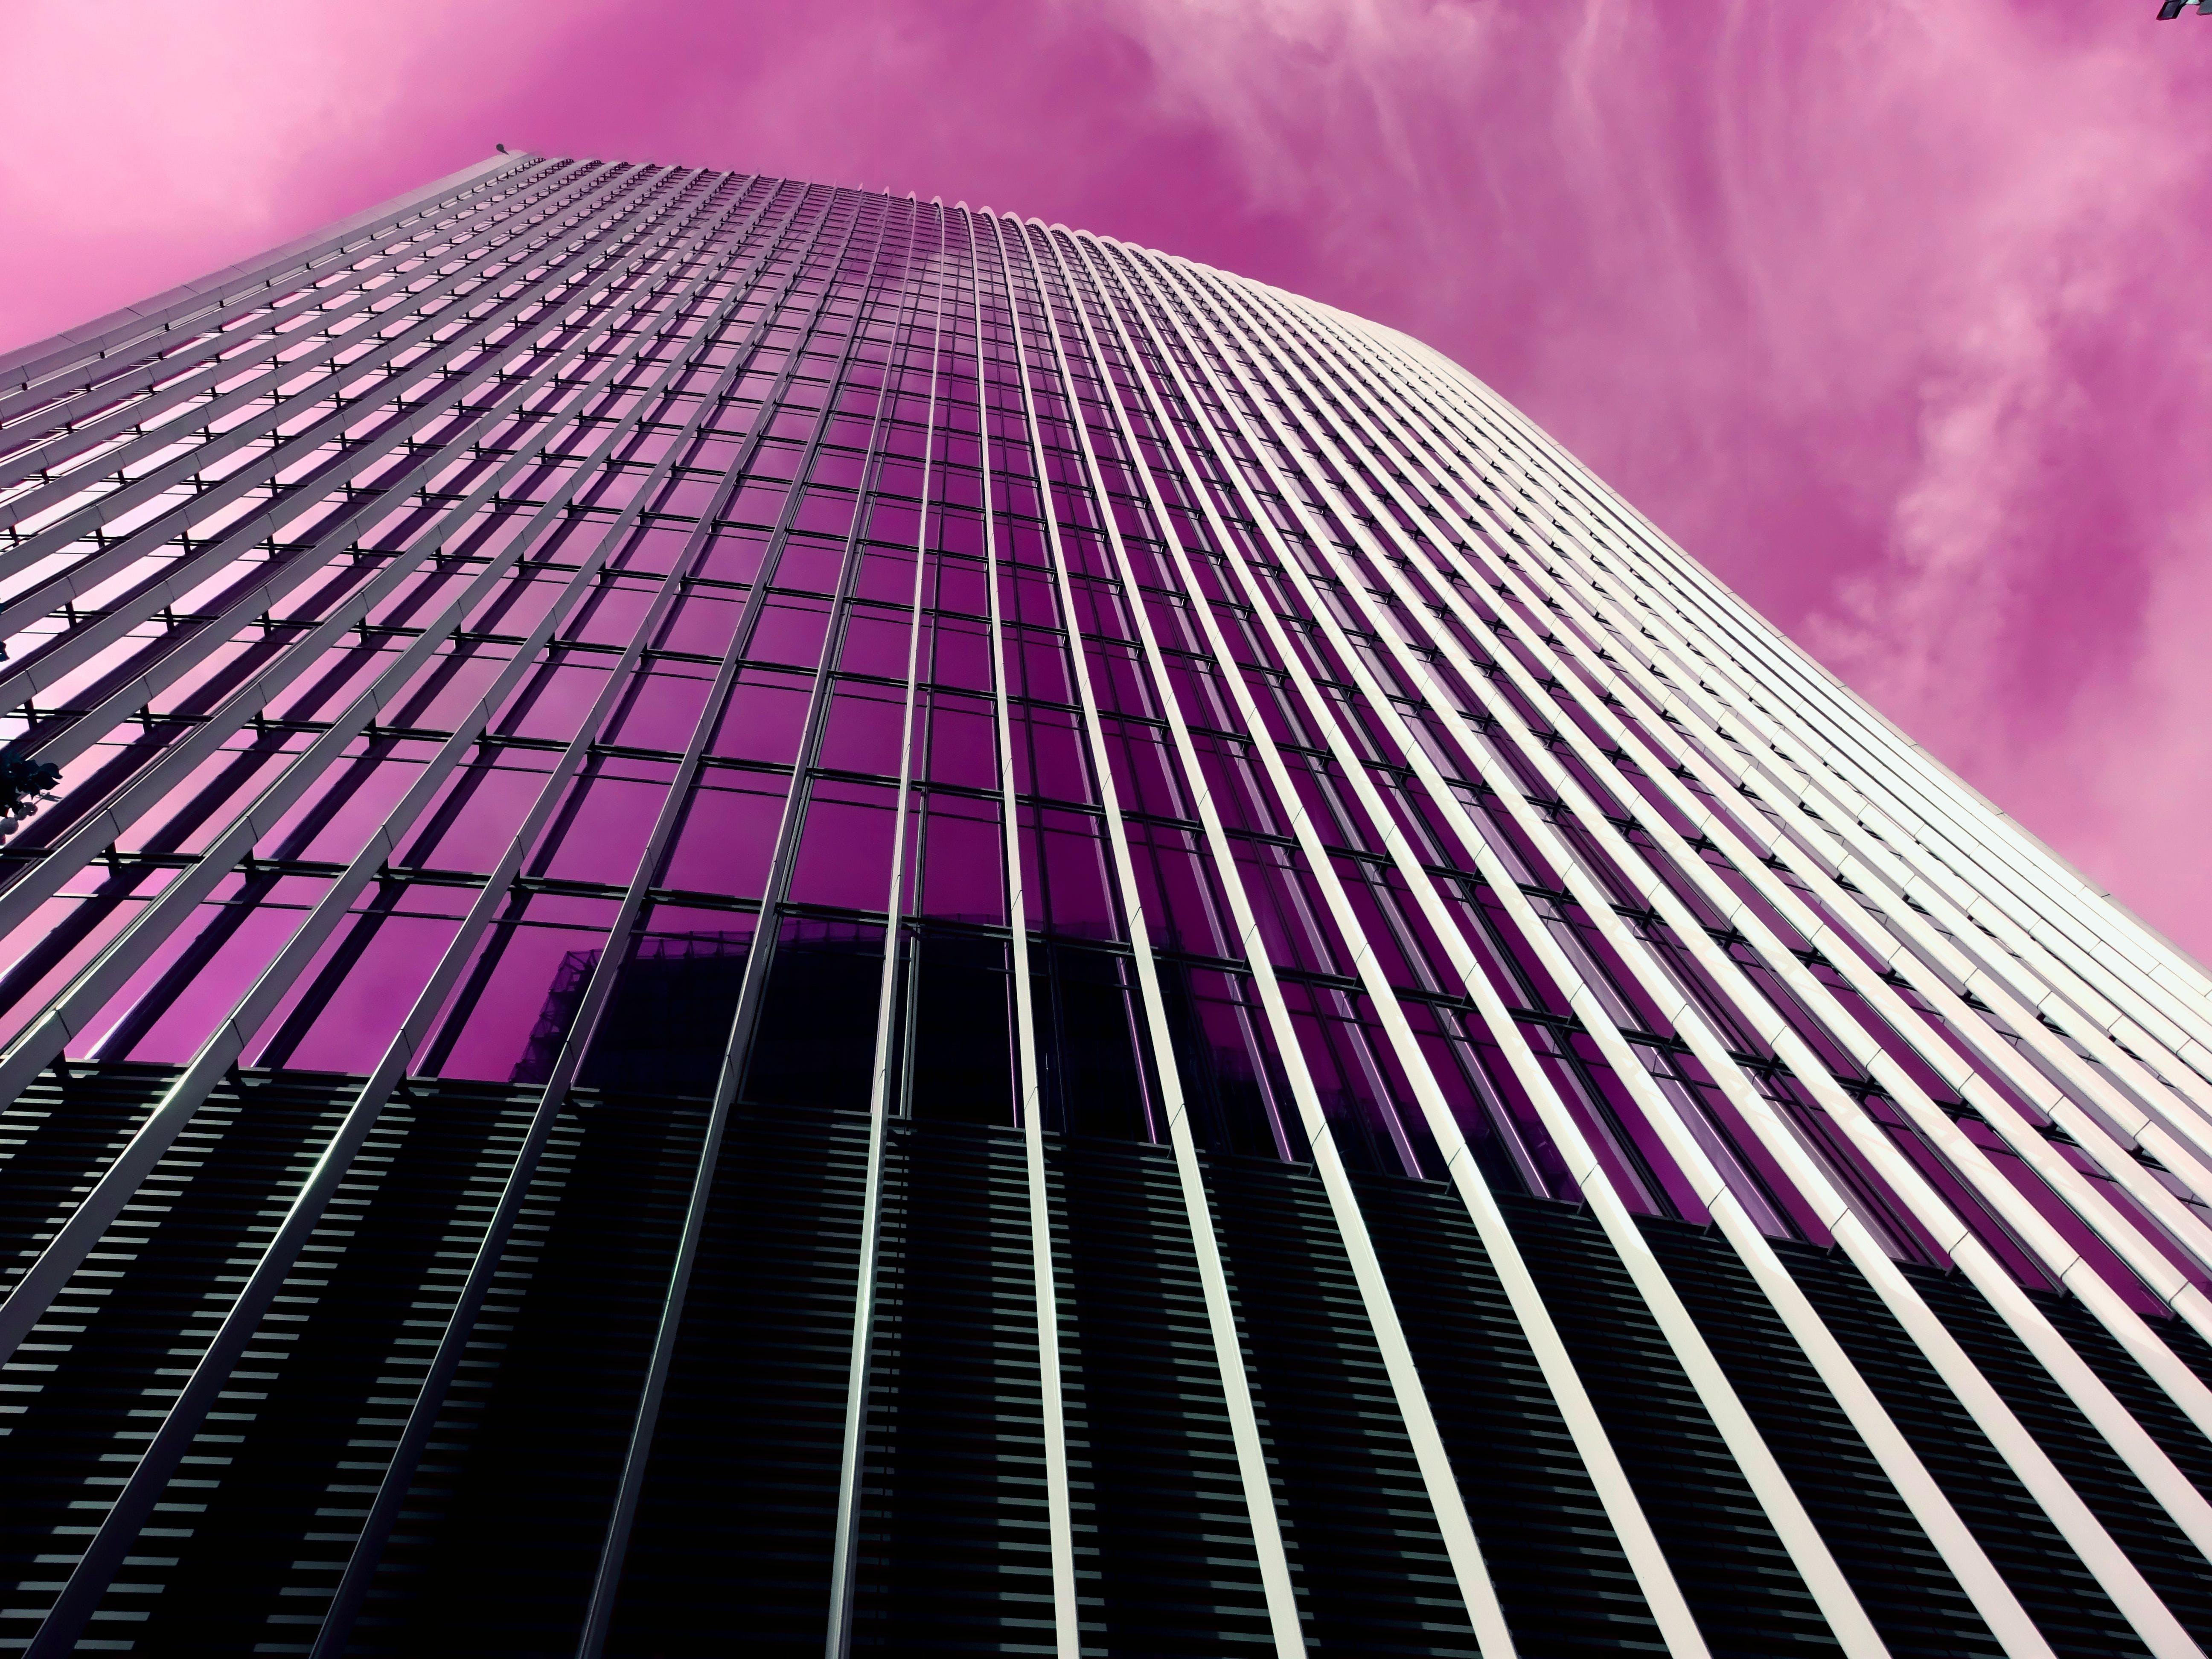 Gray Concrete High-rise Building Under Purple Sky